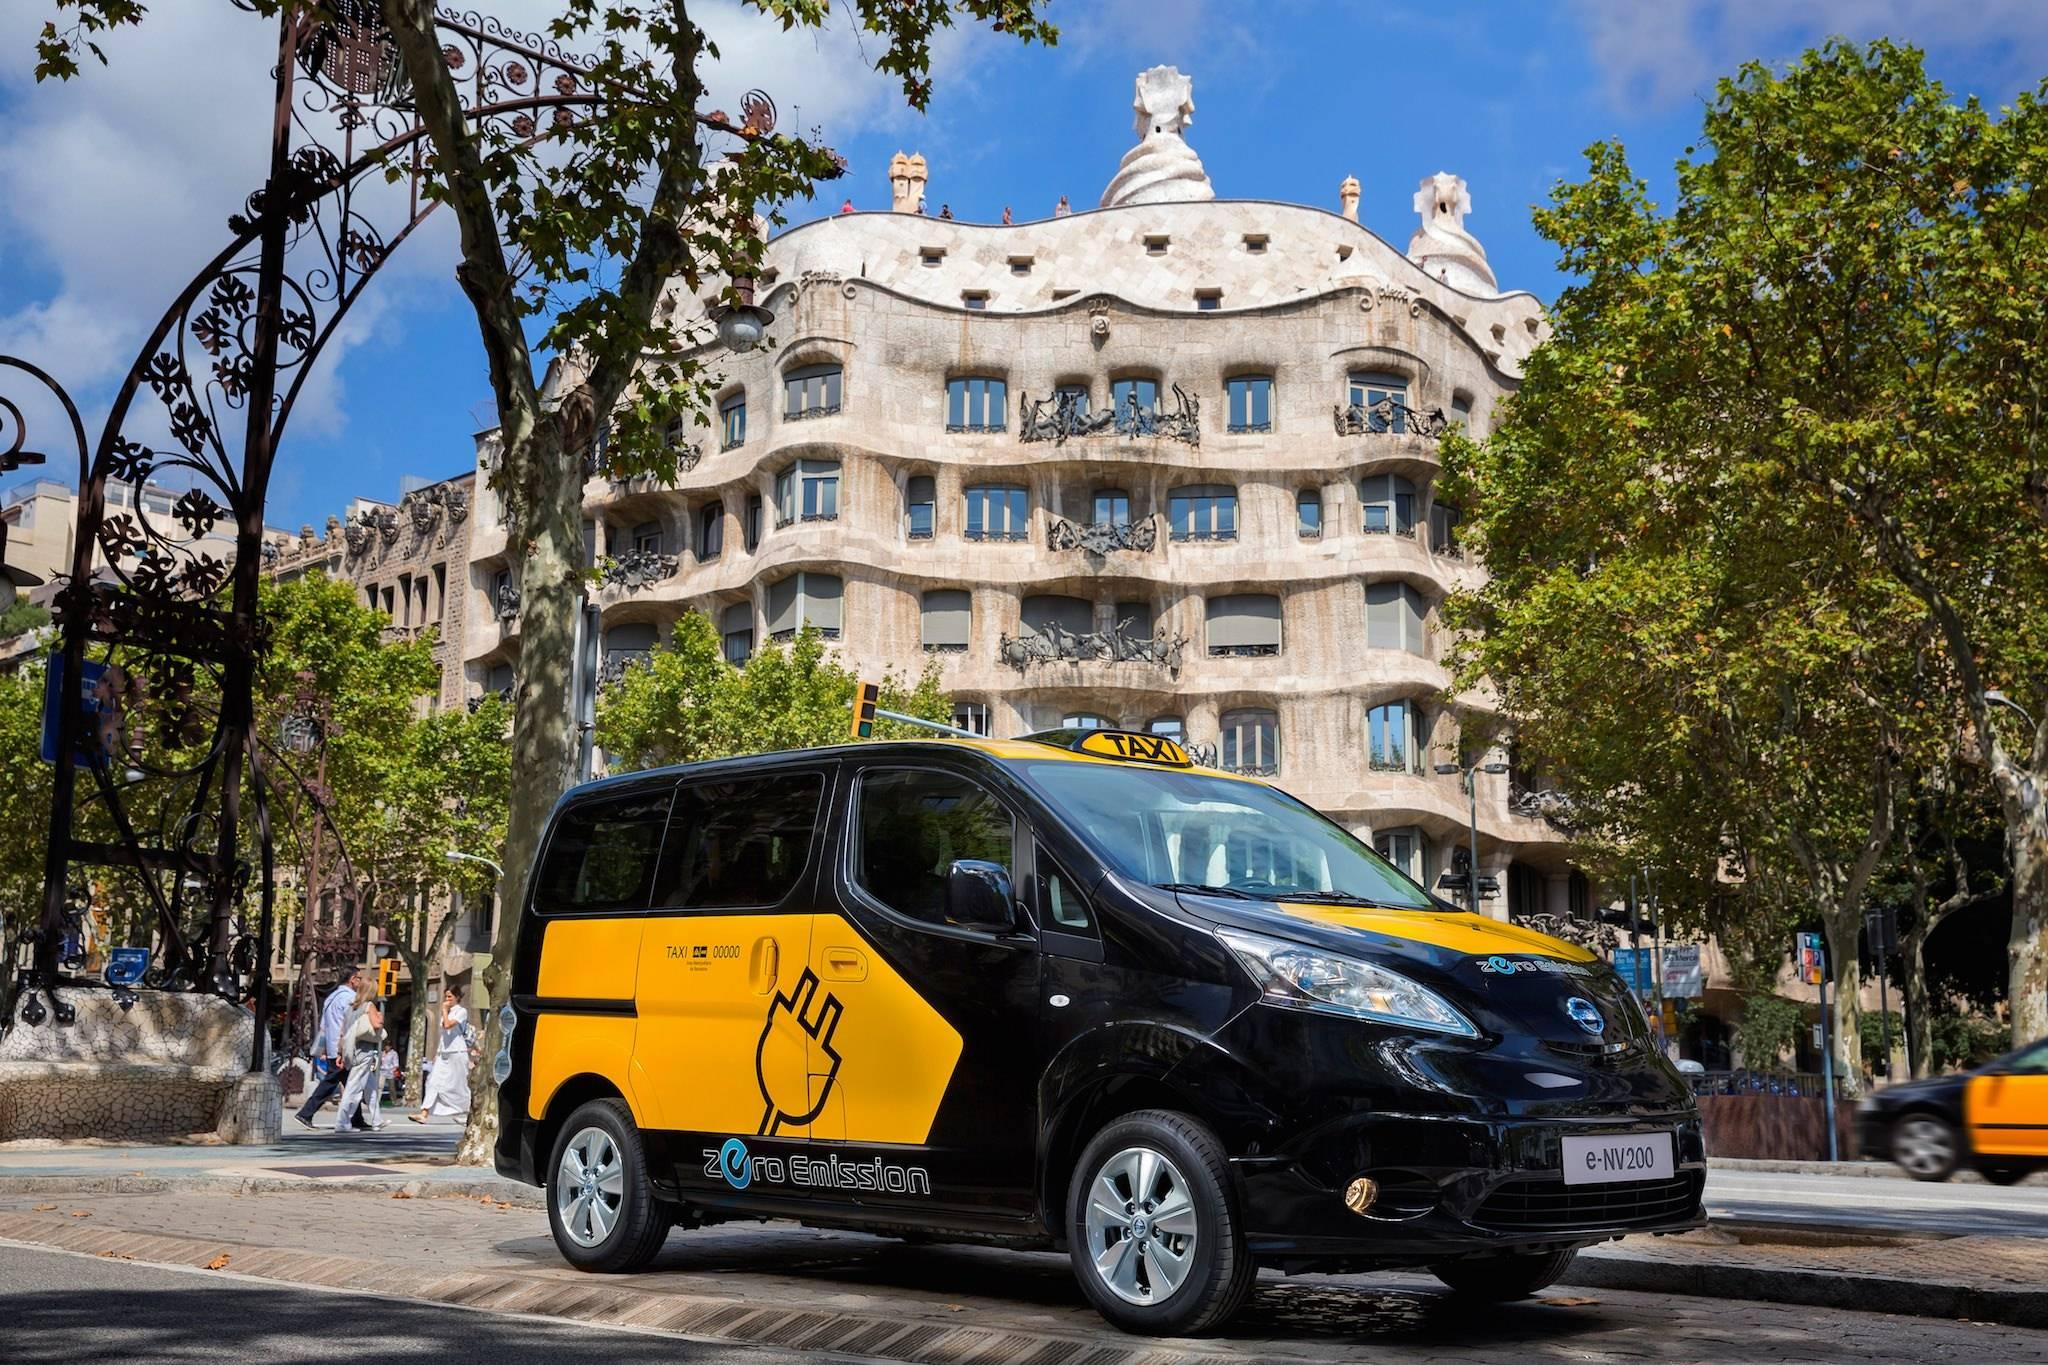 Аренда автомобиля в испании — цены в 2019 году и отзывы, условия и страховка